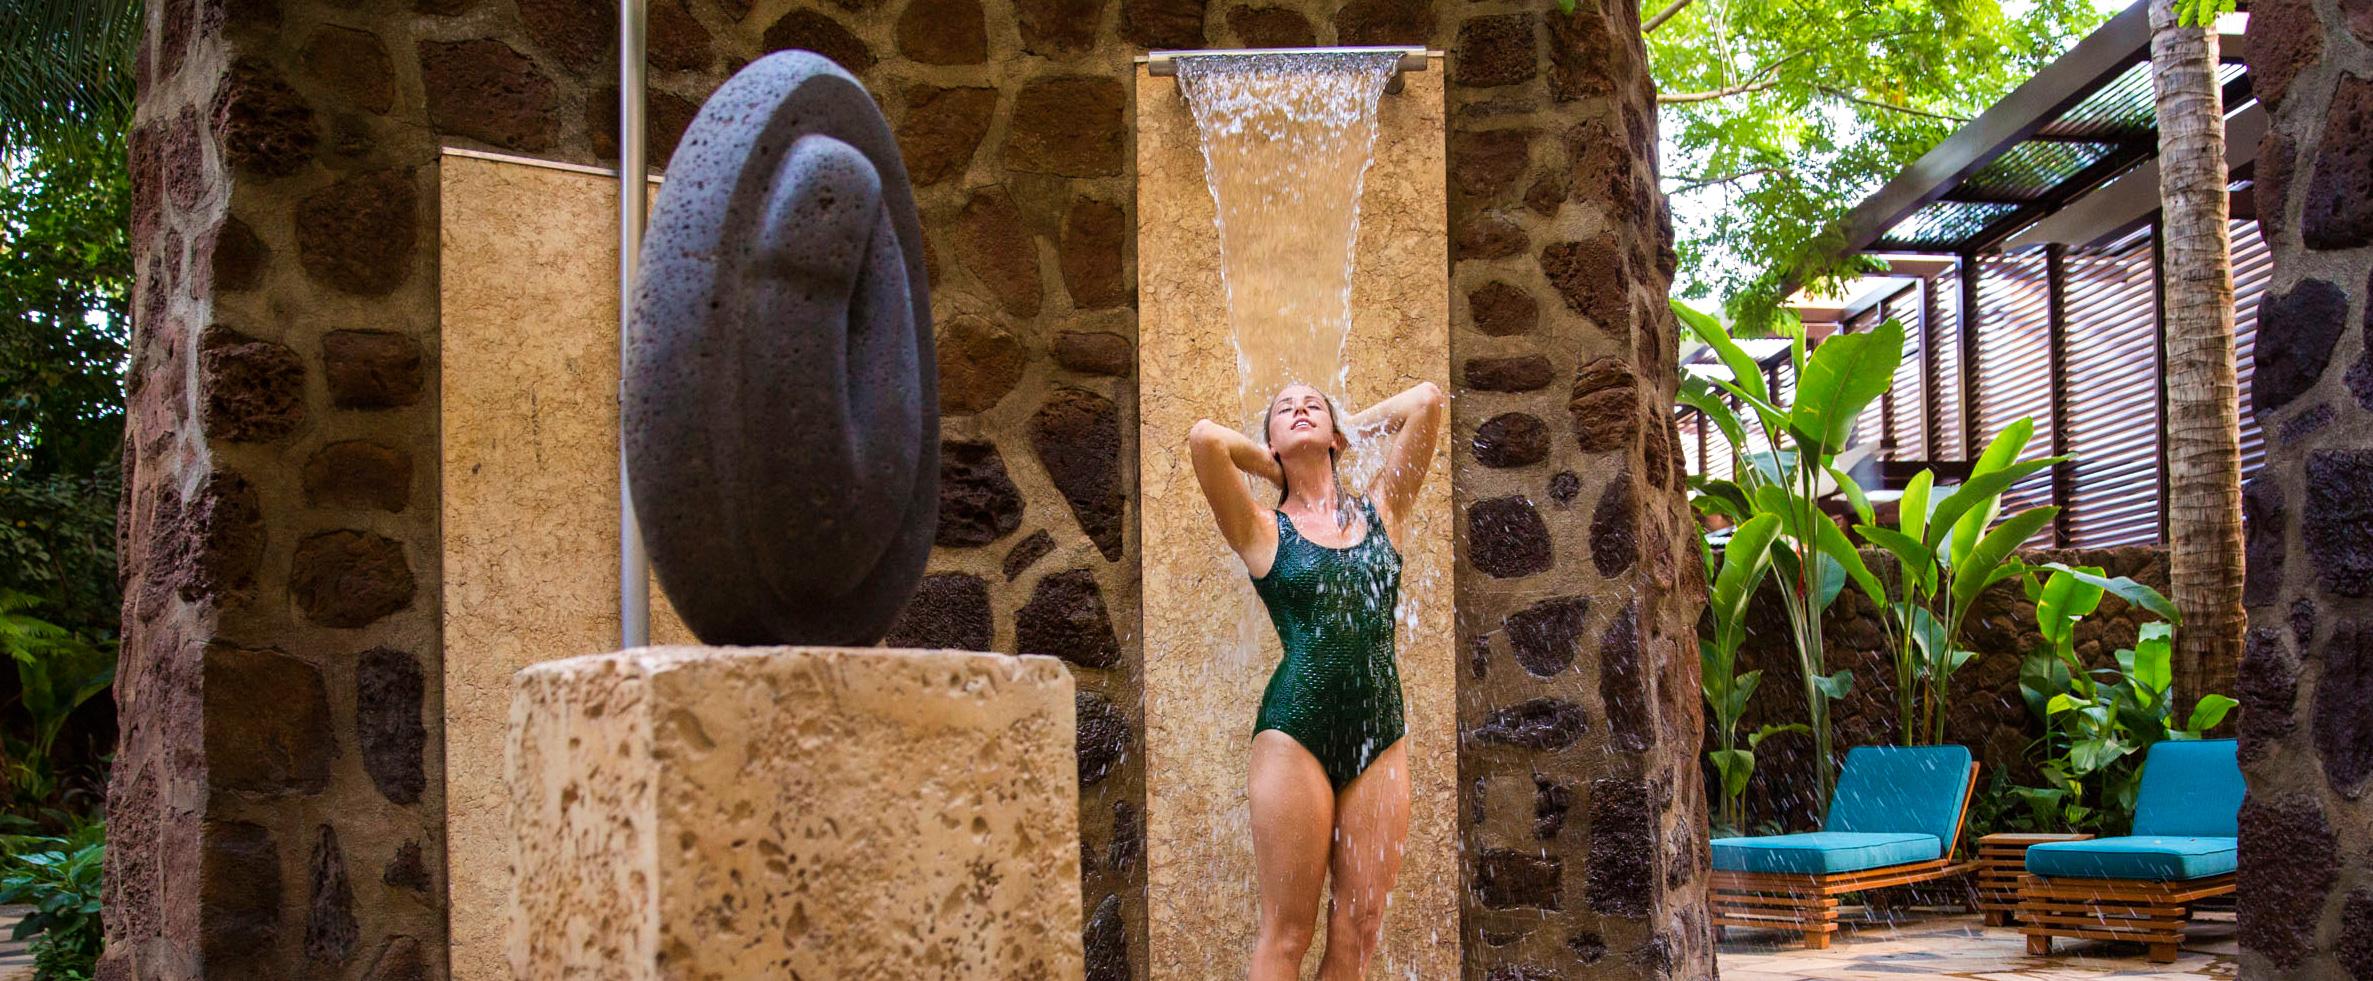 ラニヴァイ・スパ内にあるハイドロセラピー・ガーデン、クラ・ヴァイで水を浴びる水着姿の女性